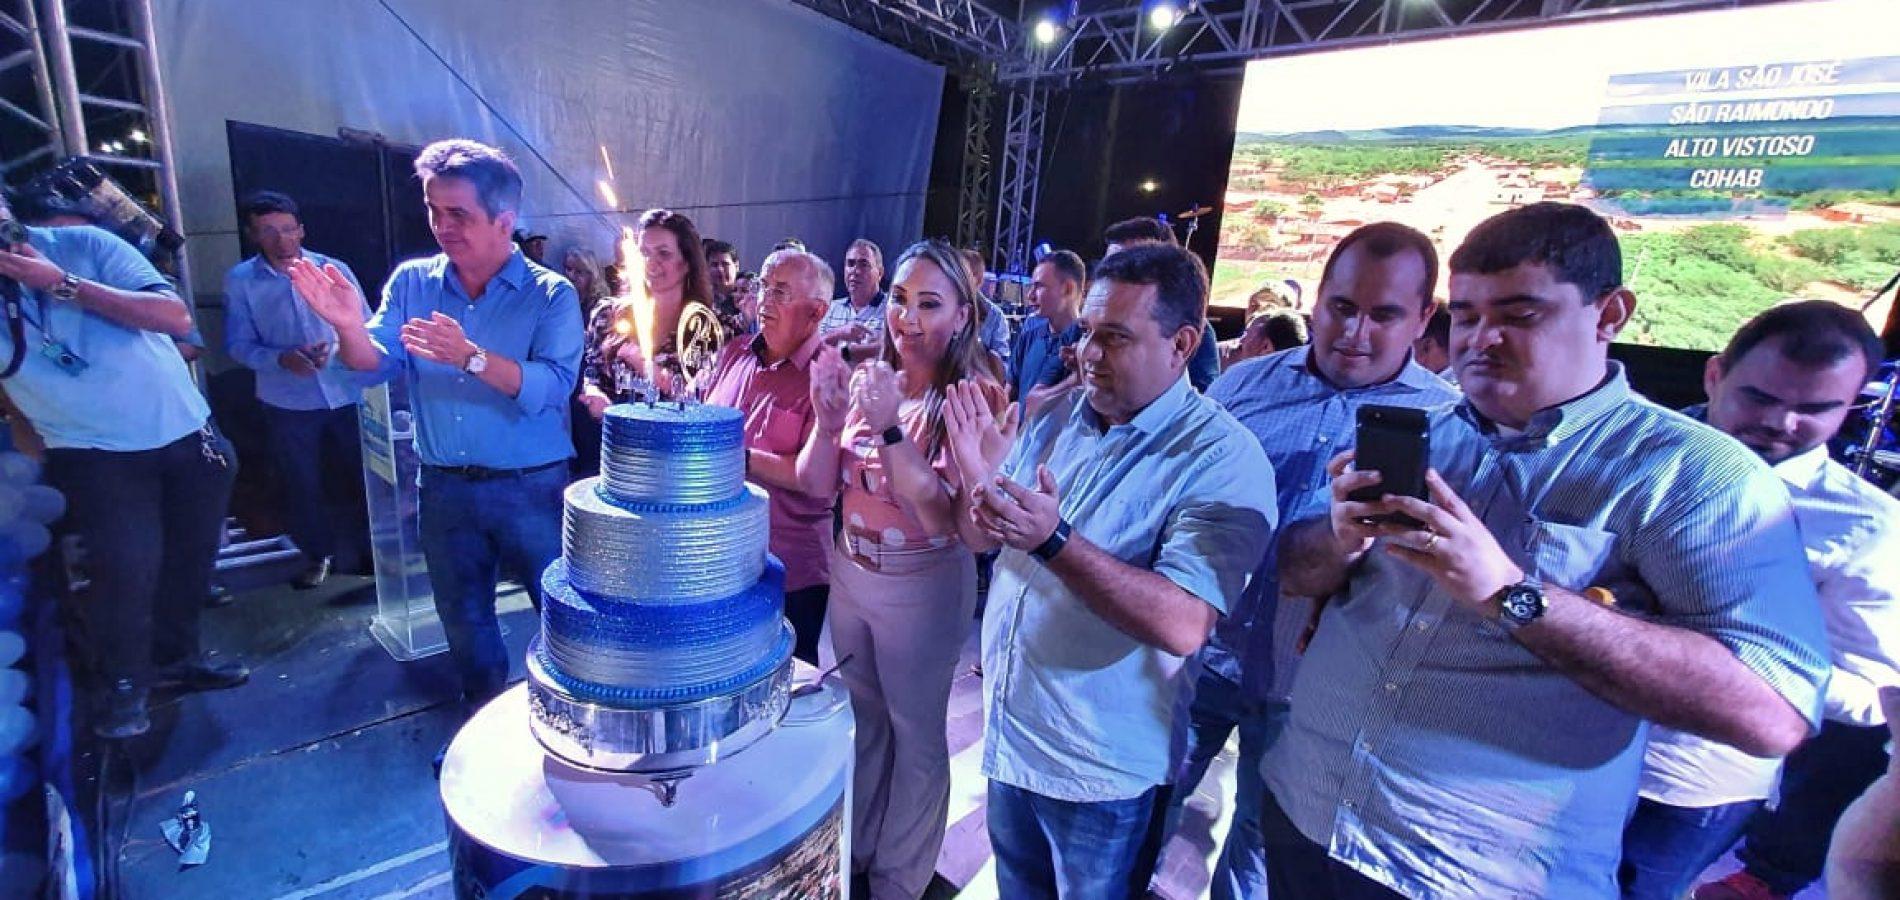 CARIDADE 24 ANOS   Veja fotos das inaugurações, corte do bolo, recepção e da festa do aniversário